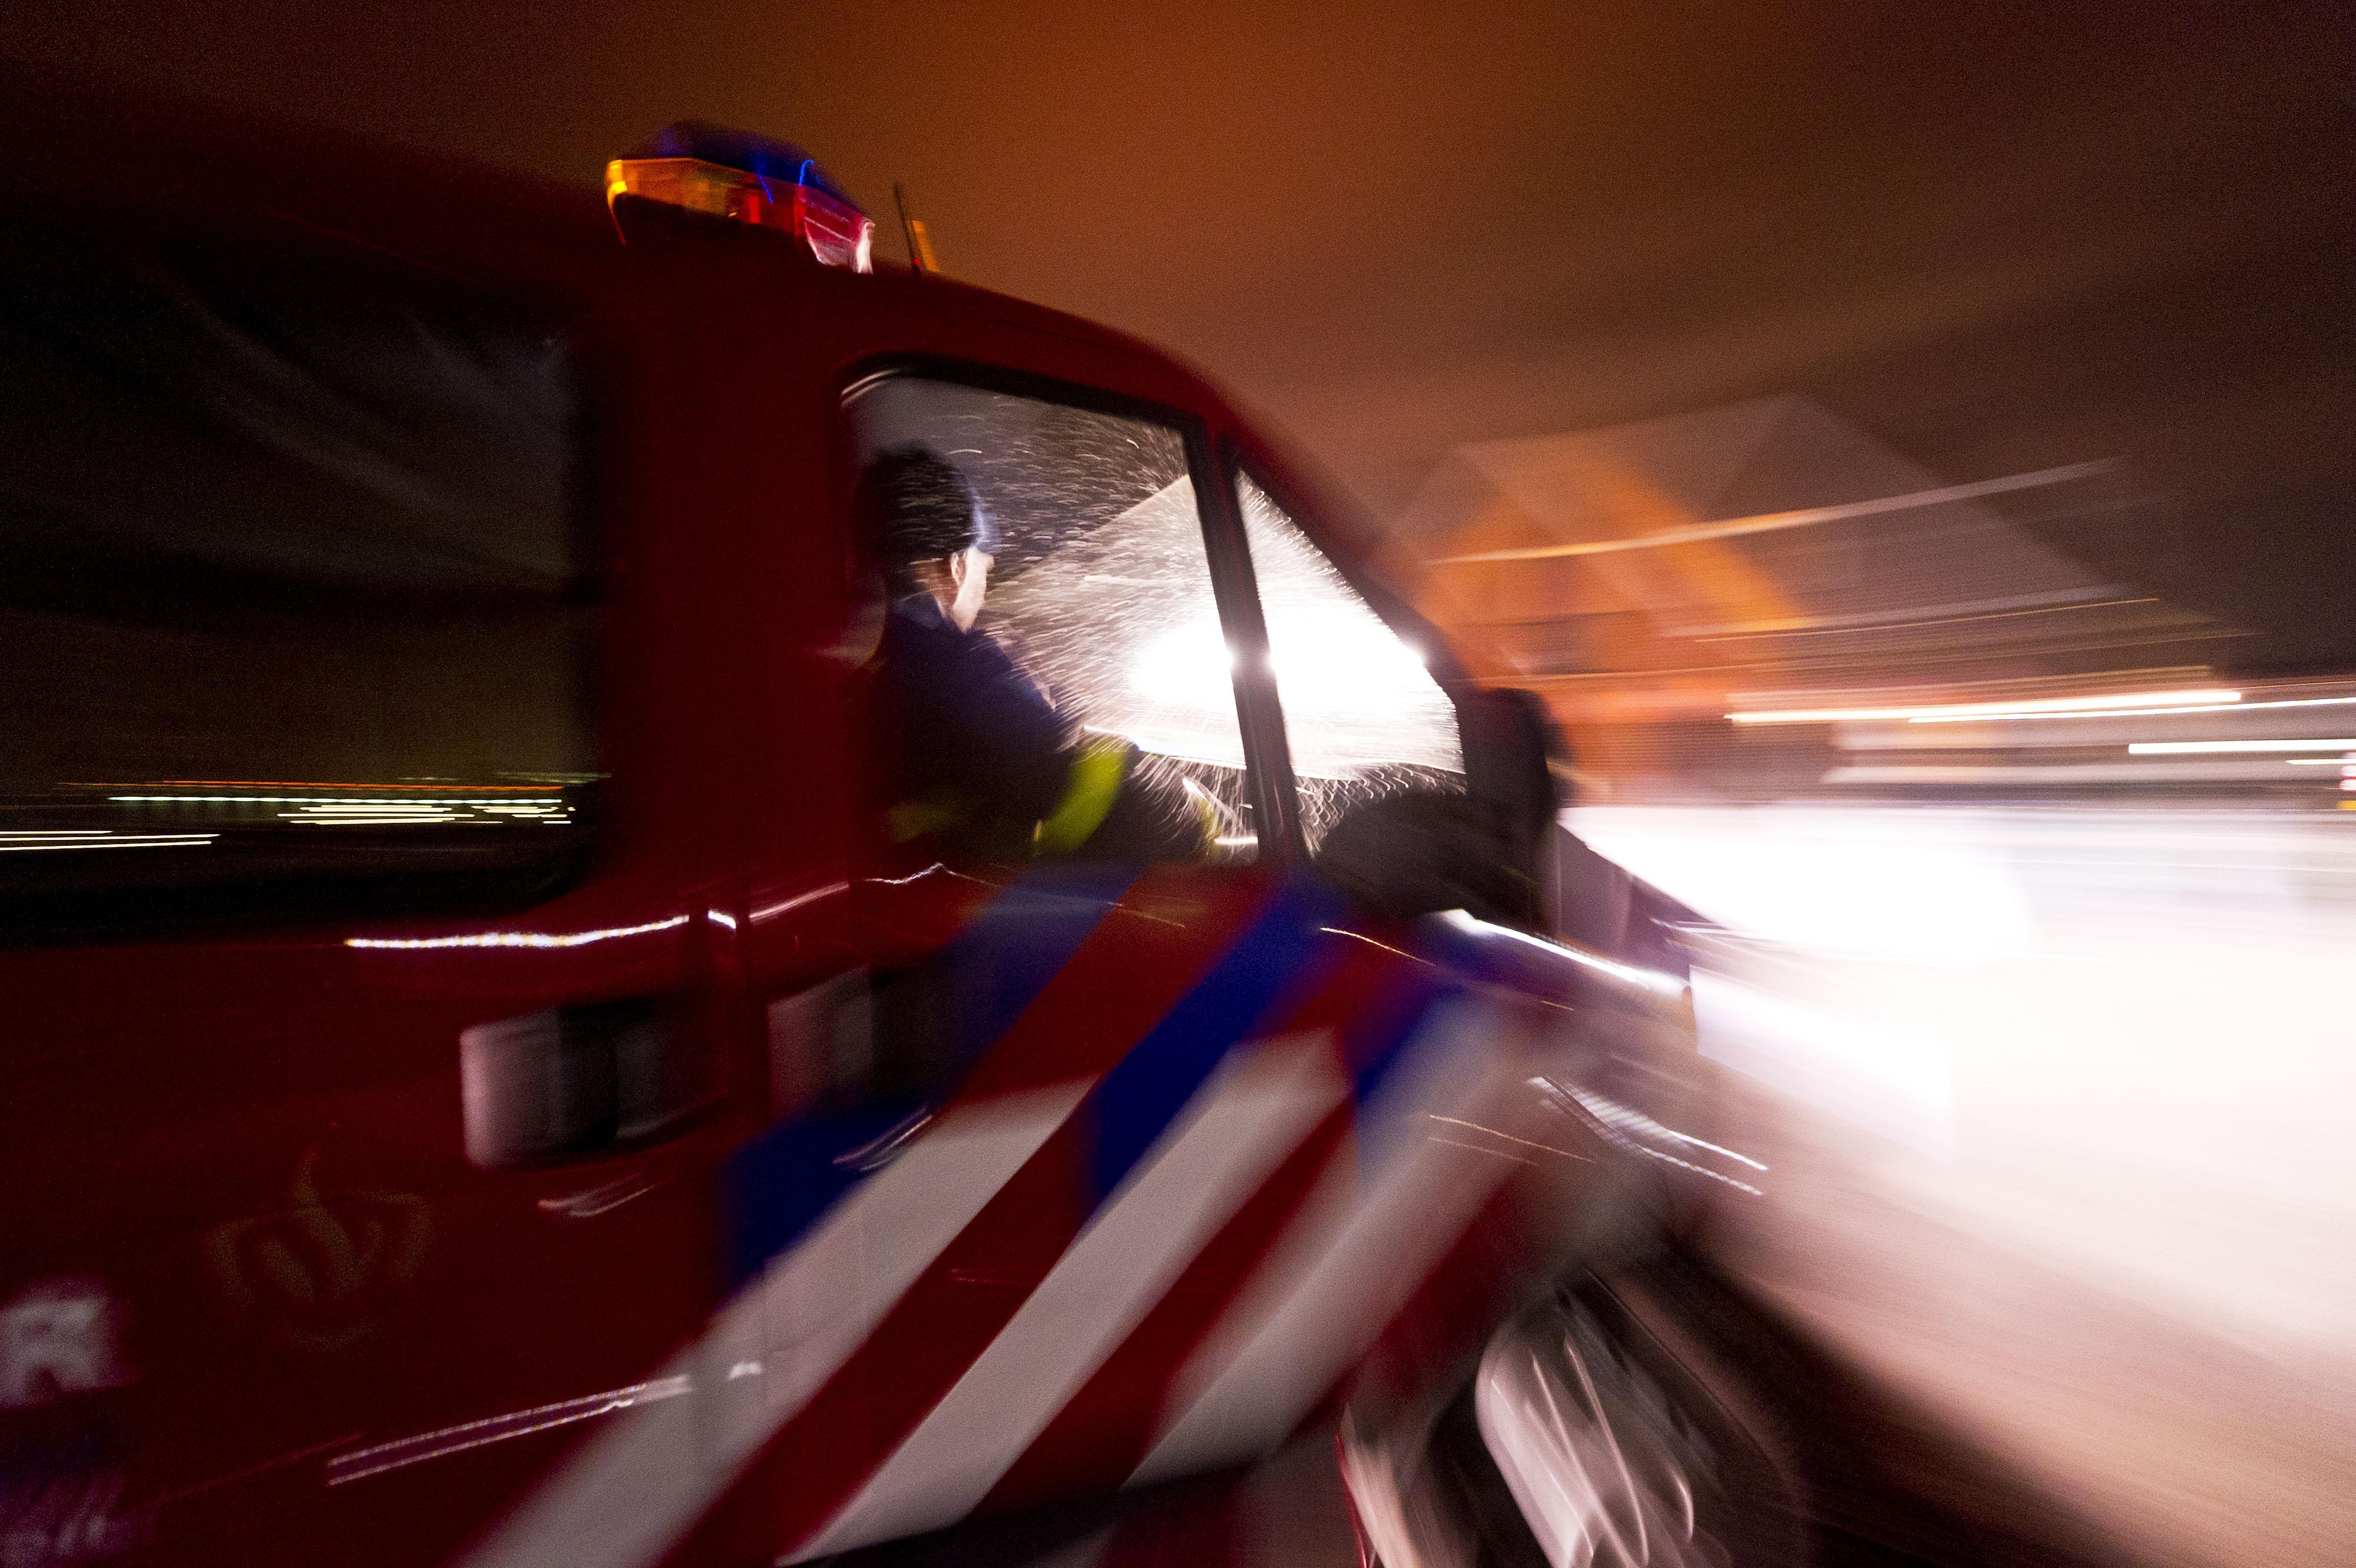 Veel schade bij brand in appartementencomplex Amsterdam